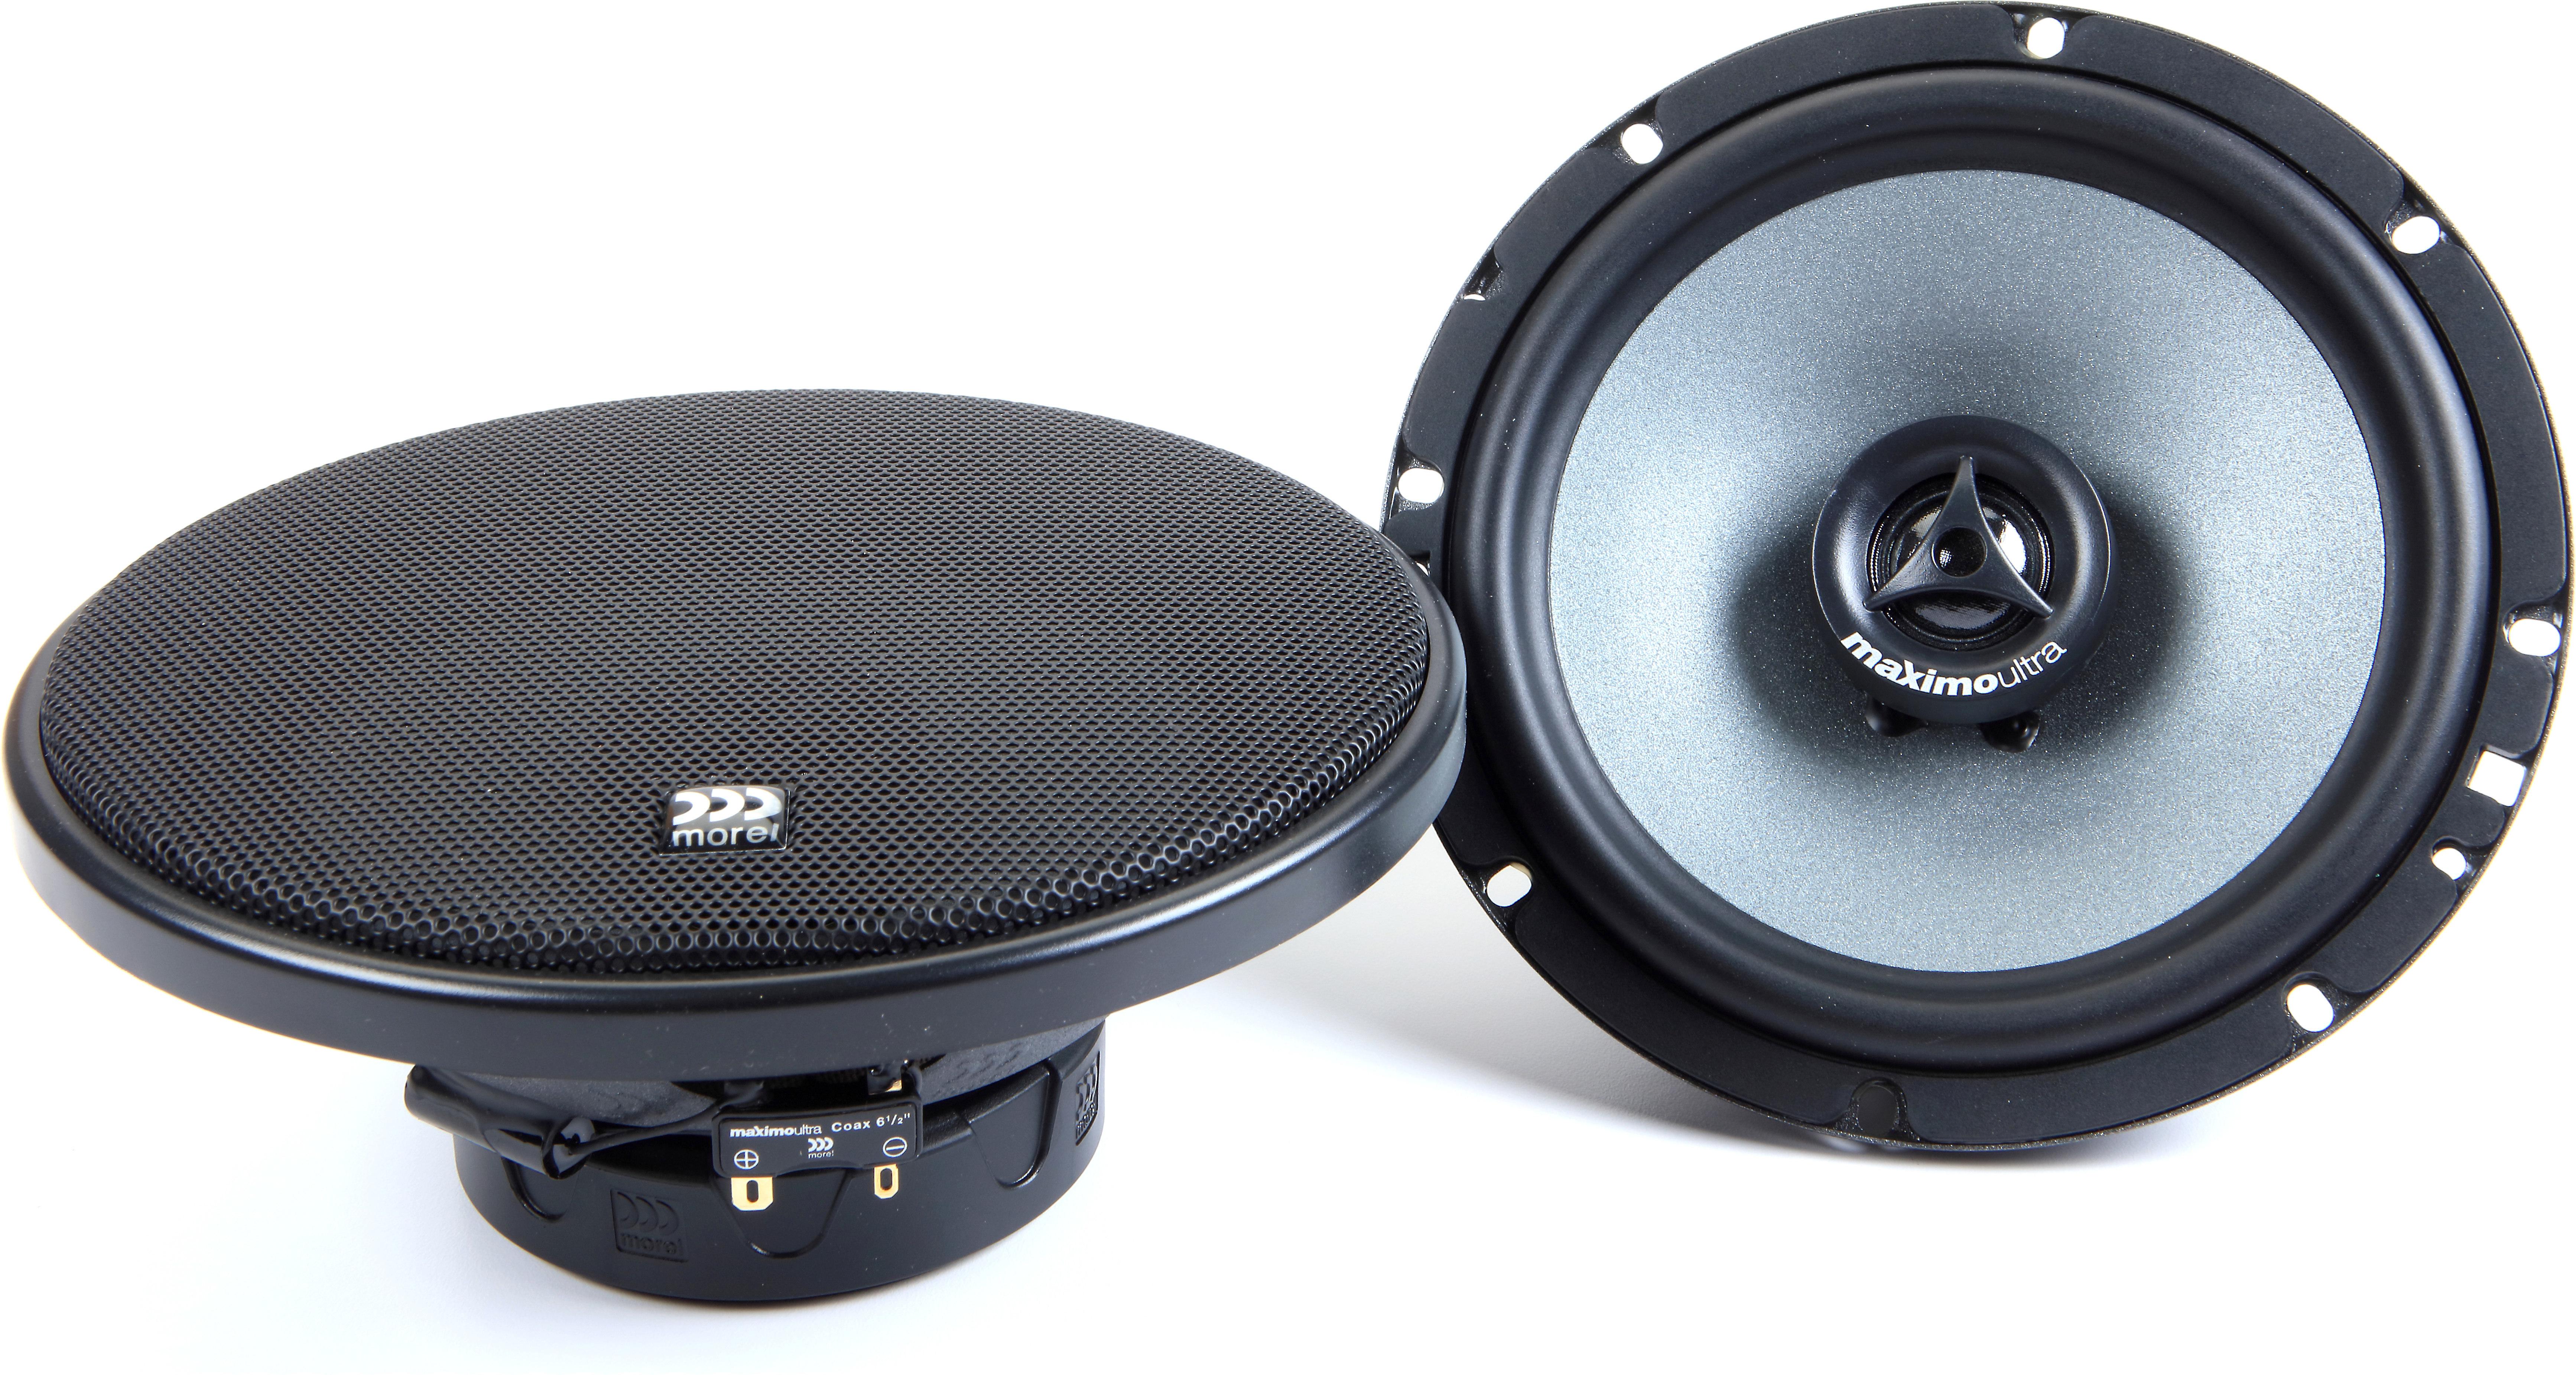 Morel Maximo Ultra 602 Coax